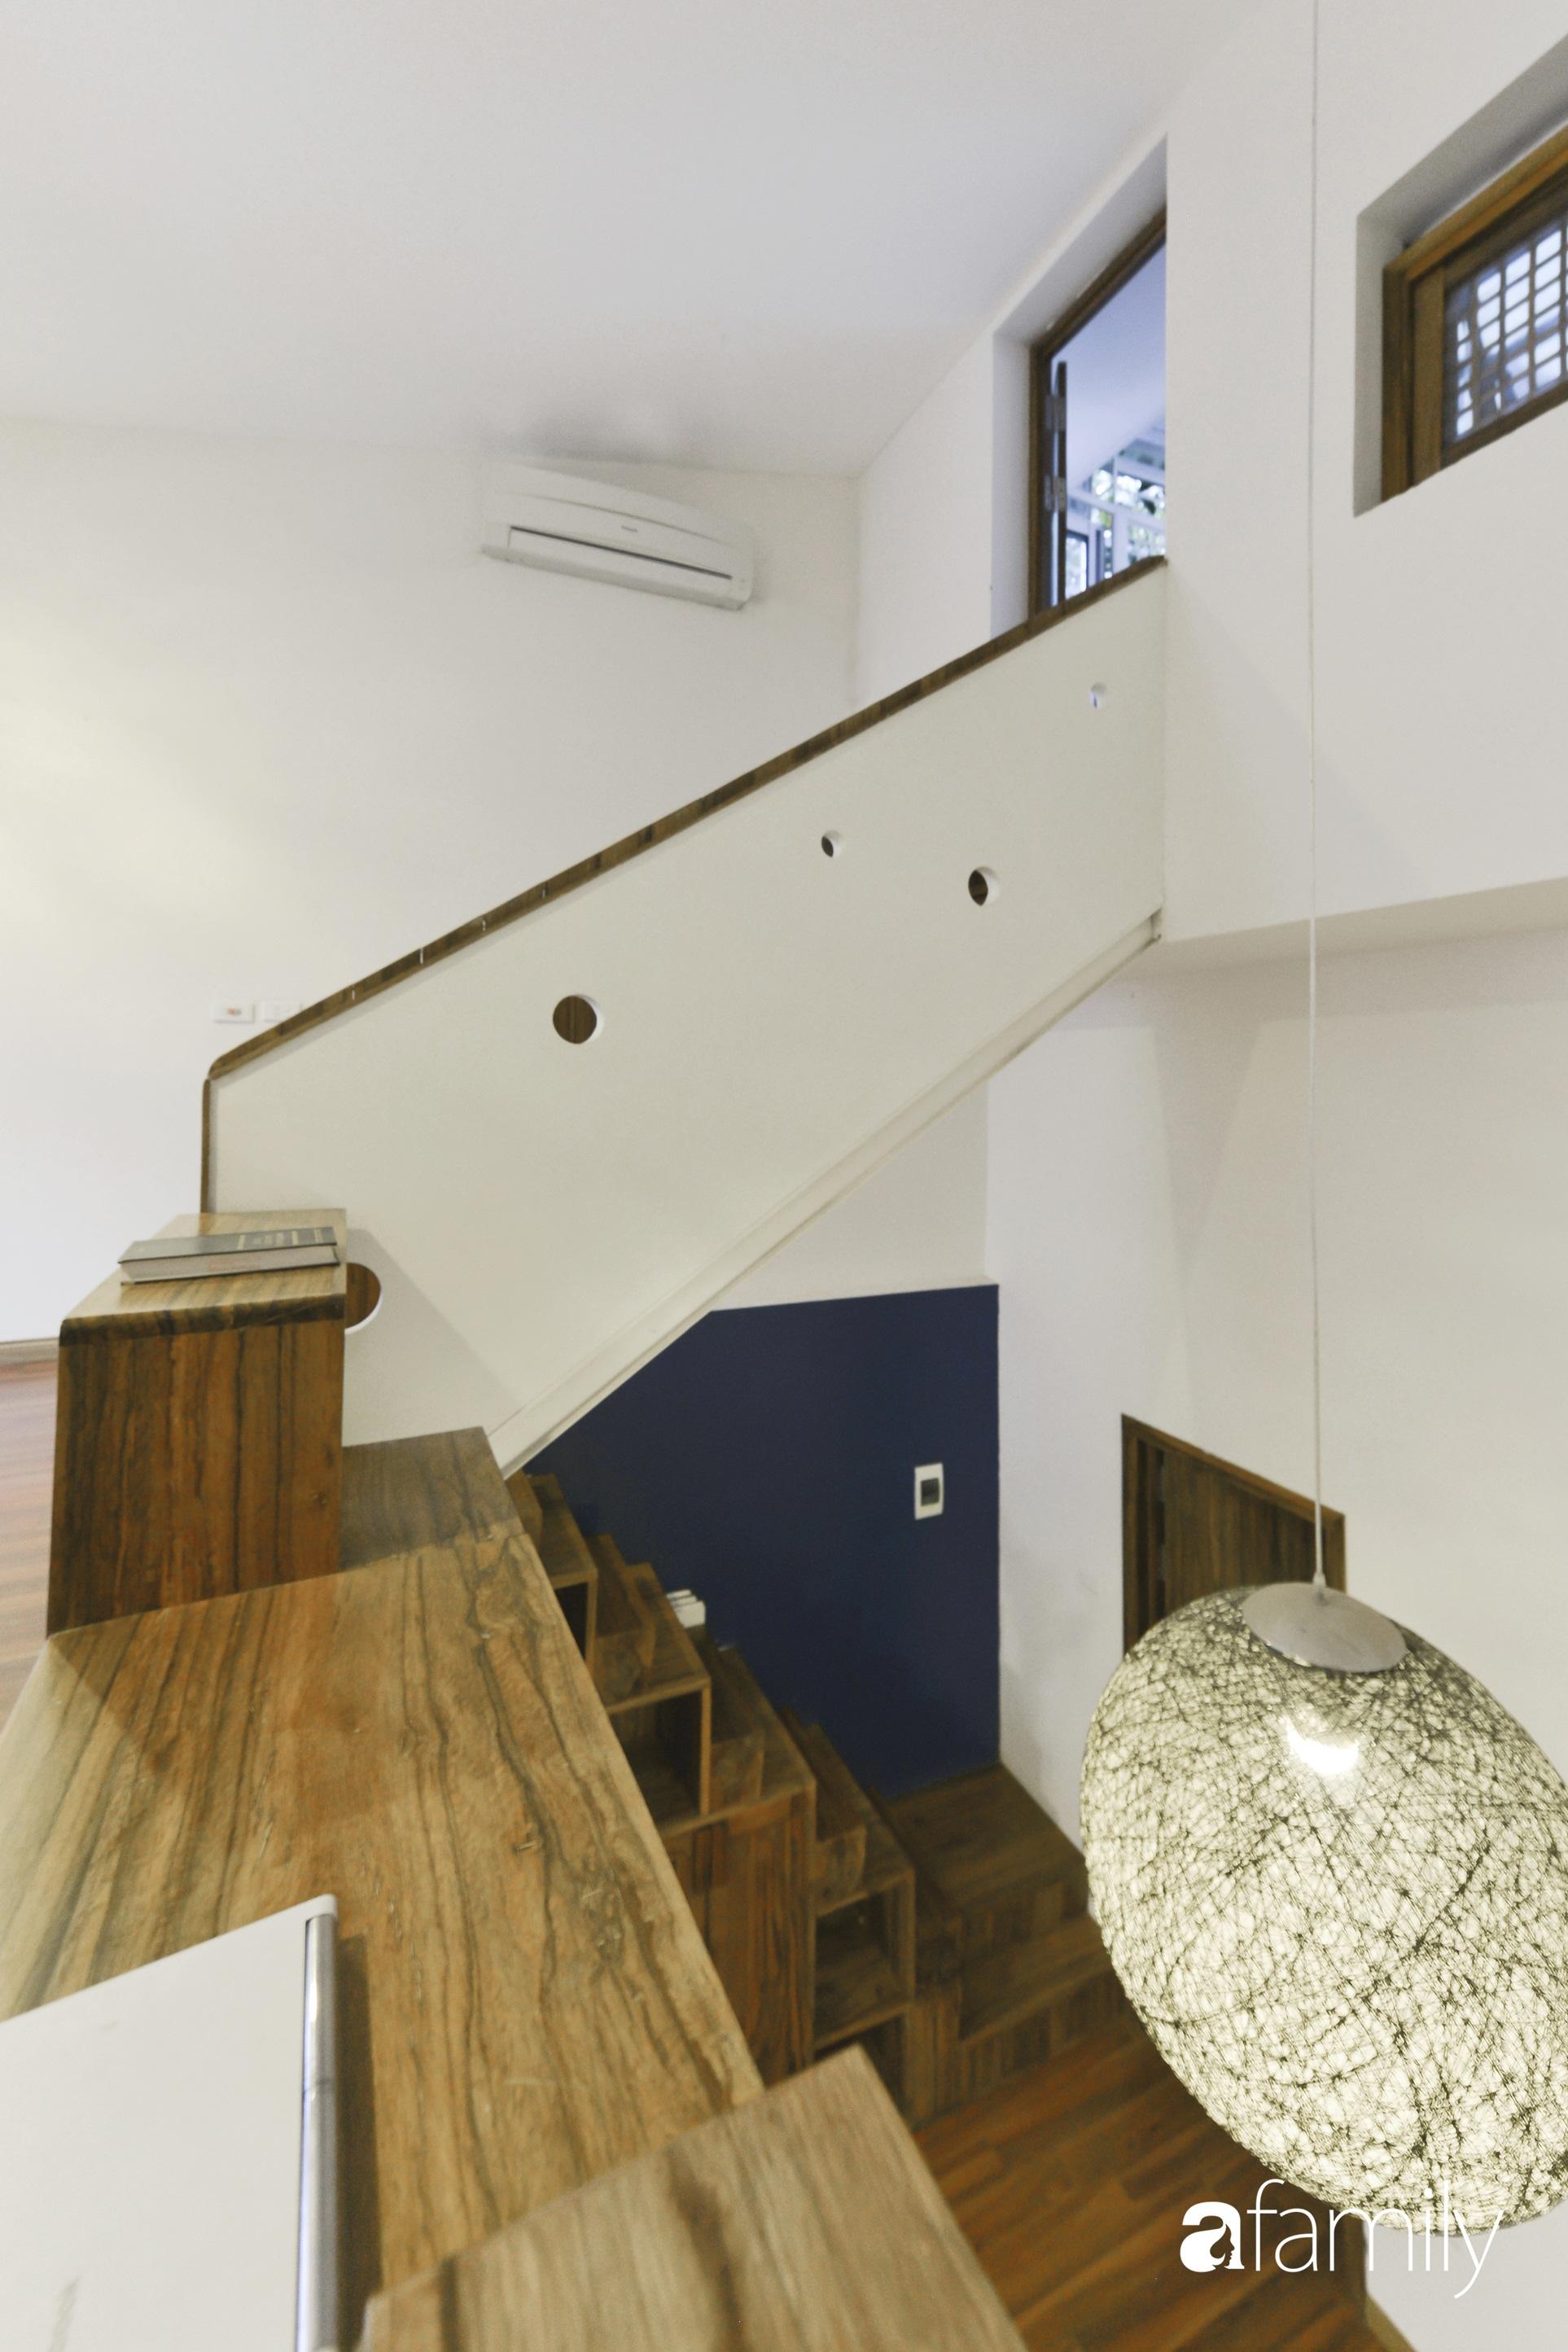 Vẻ đẹp của gỗ kết hợp nội thất đơn giản trong ngôi nhà 45,6m² ở ngõ nhỏ Hà Nội sau khi cải tạo - Ảnh 7.